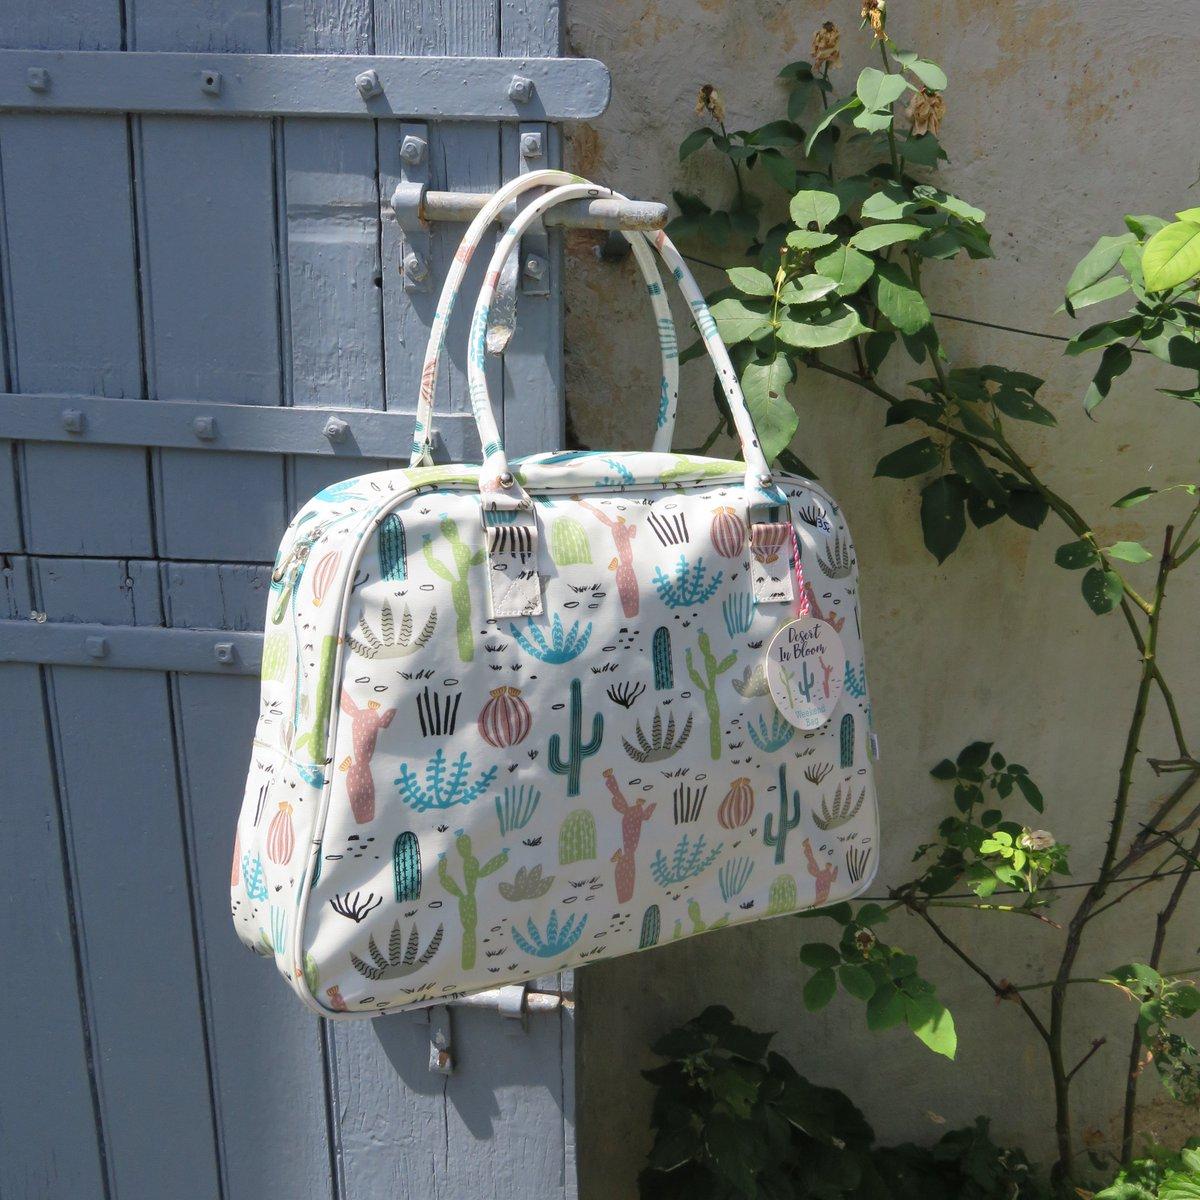 C&#39;est le Week-end ! On fait son sac et on se fait plaisir ! #weekend #sac #cactus #sun #look #tendance #vacances  http://www. lacavernearcenciel.com  &nbsp;  <br>http://pic.twitter.com/aj5ujWKktQ